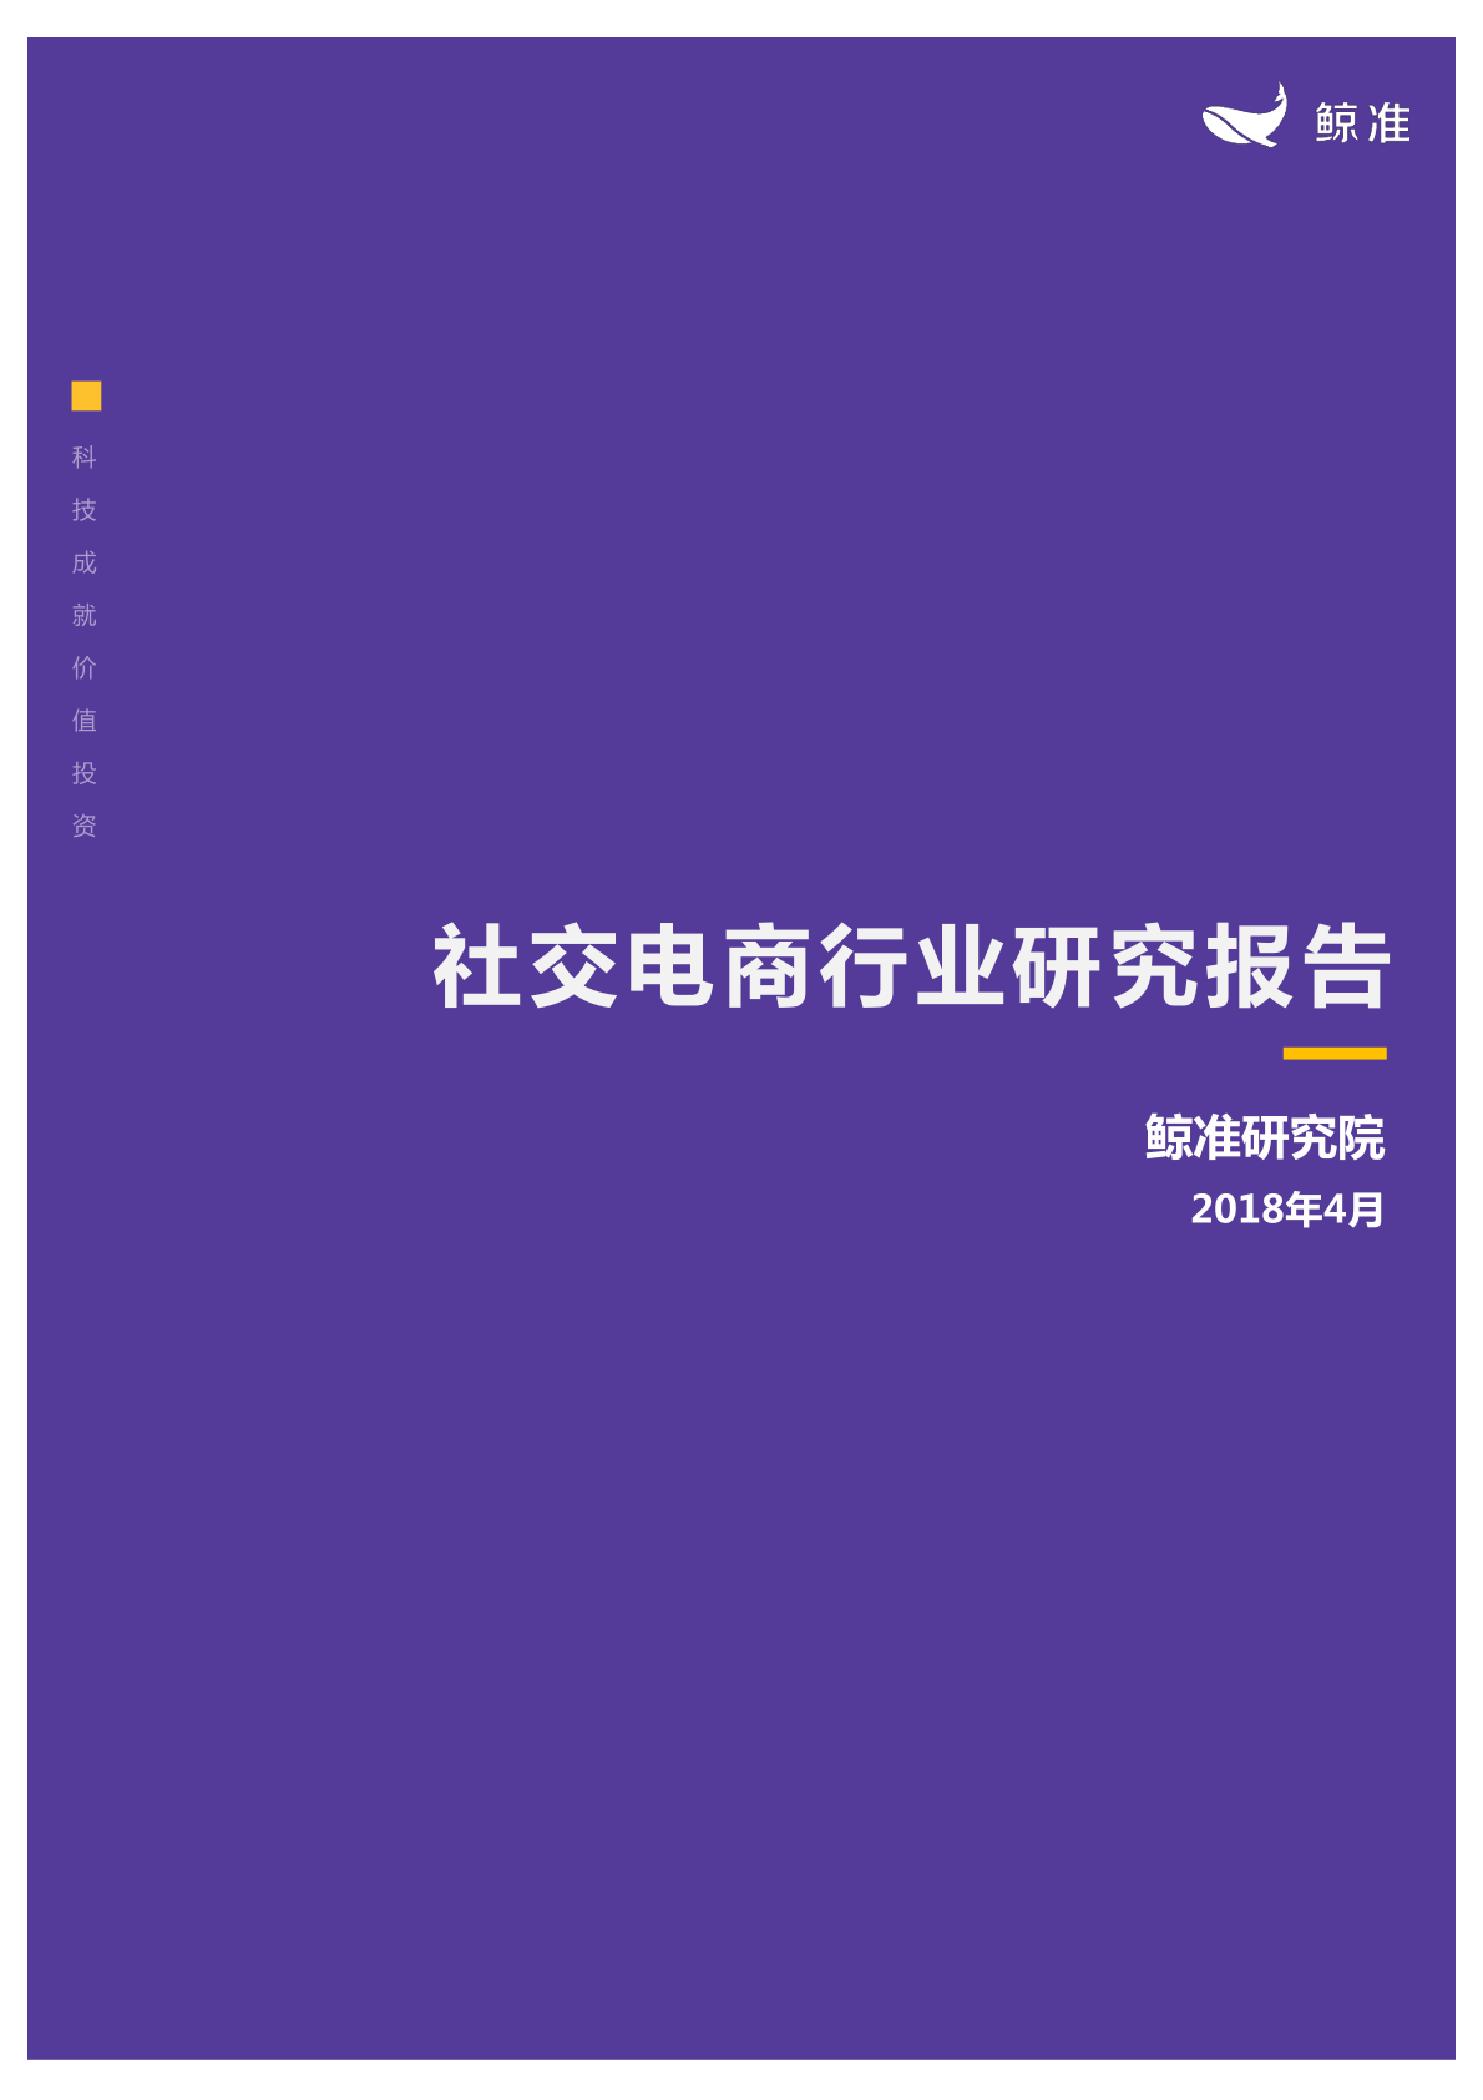 社交电商行业研究报告